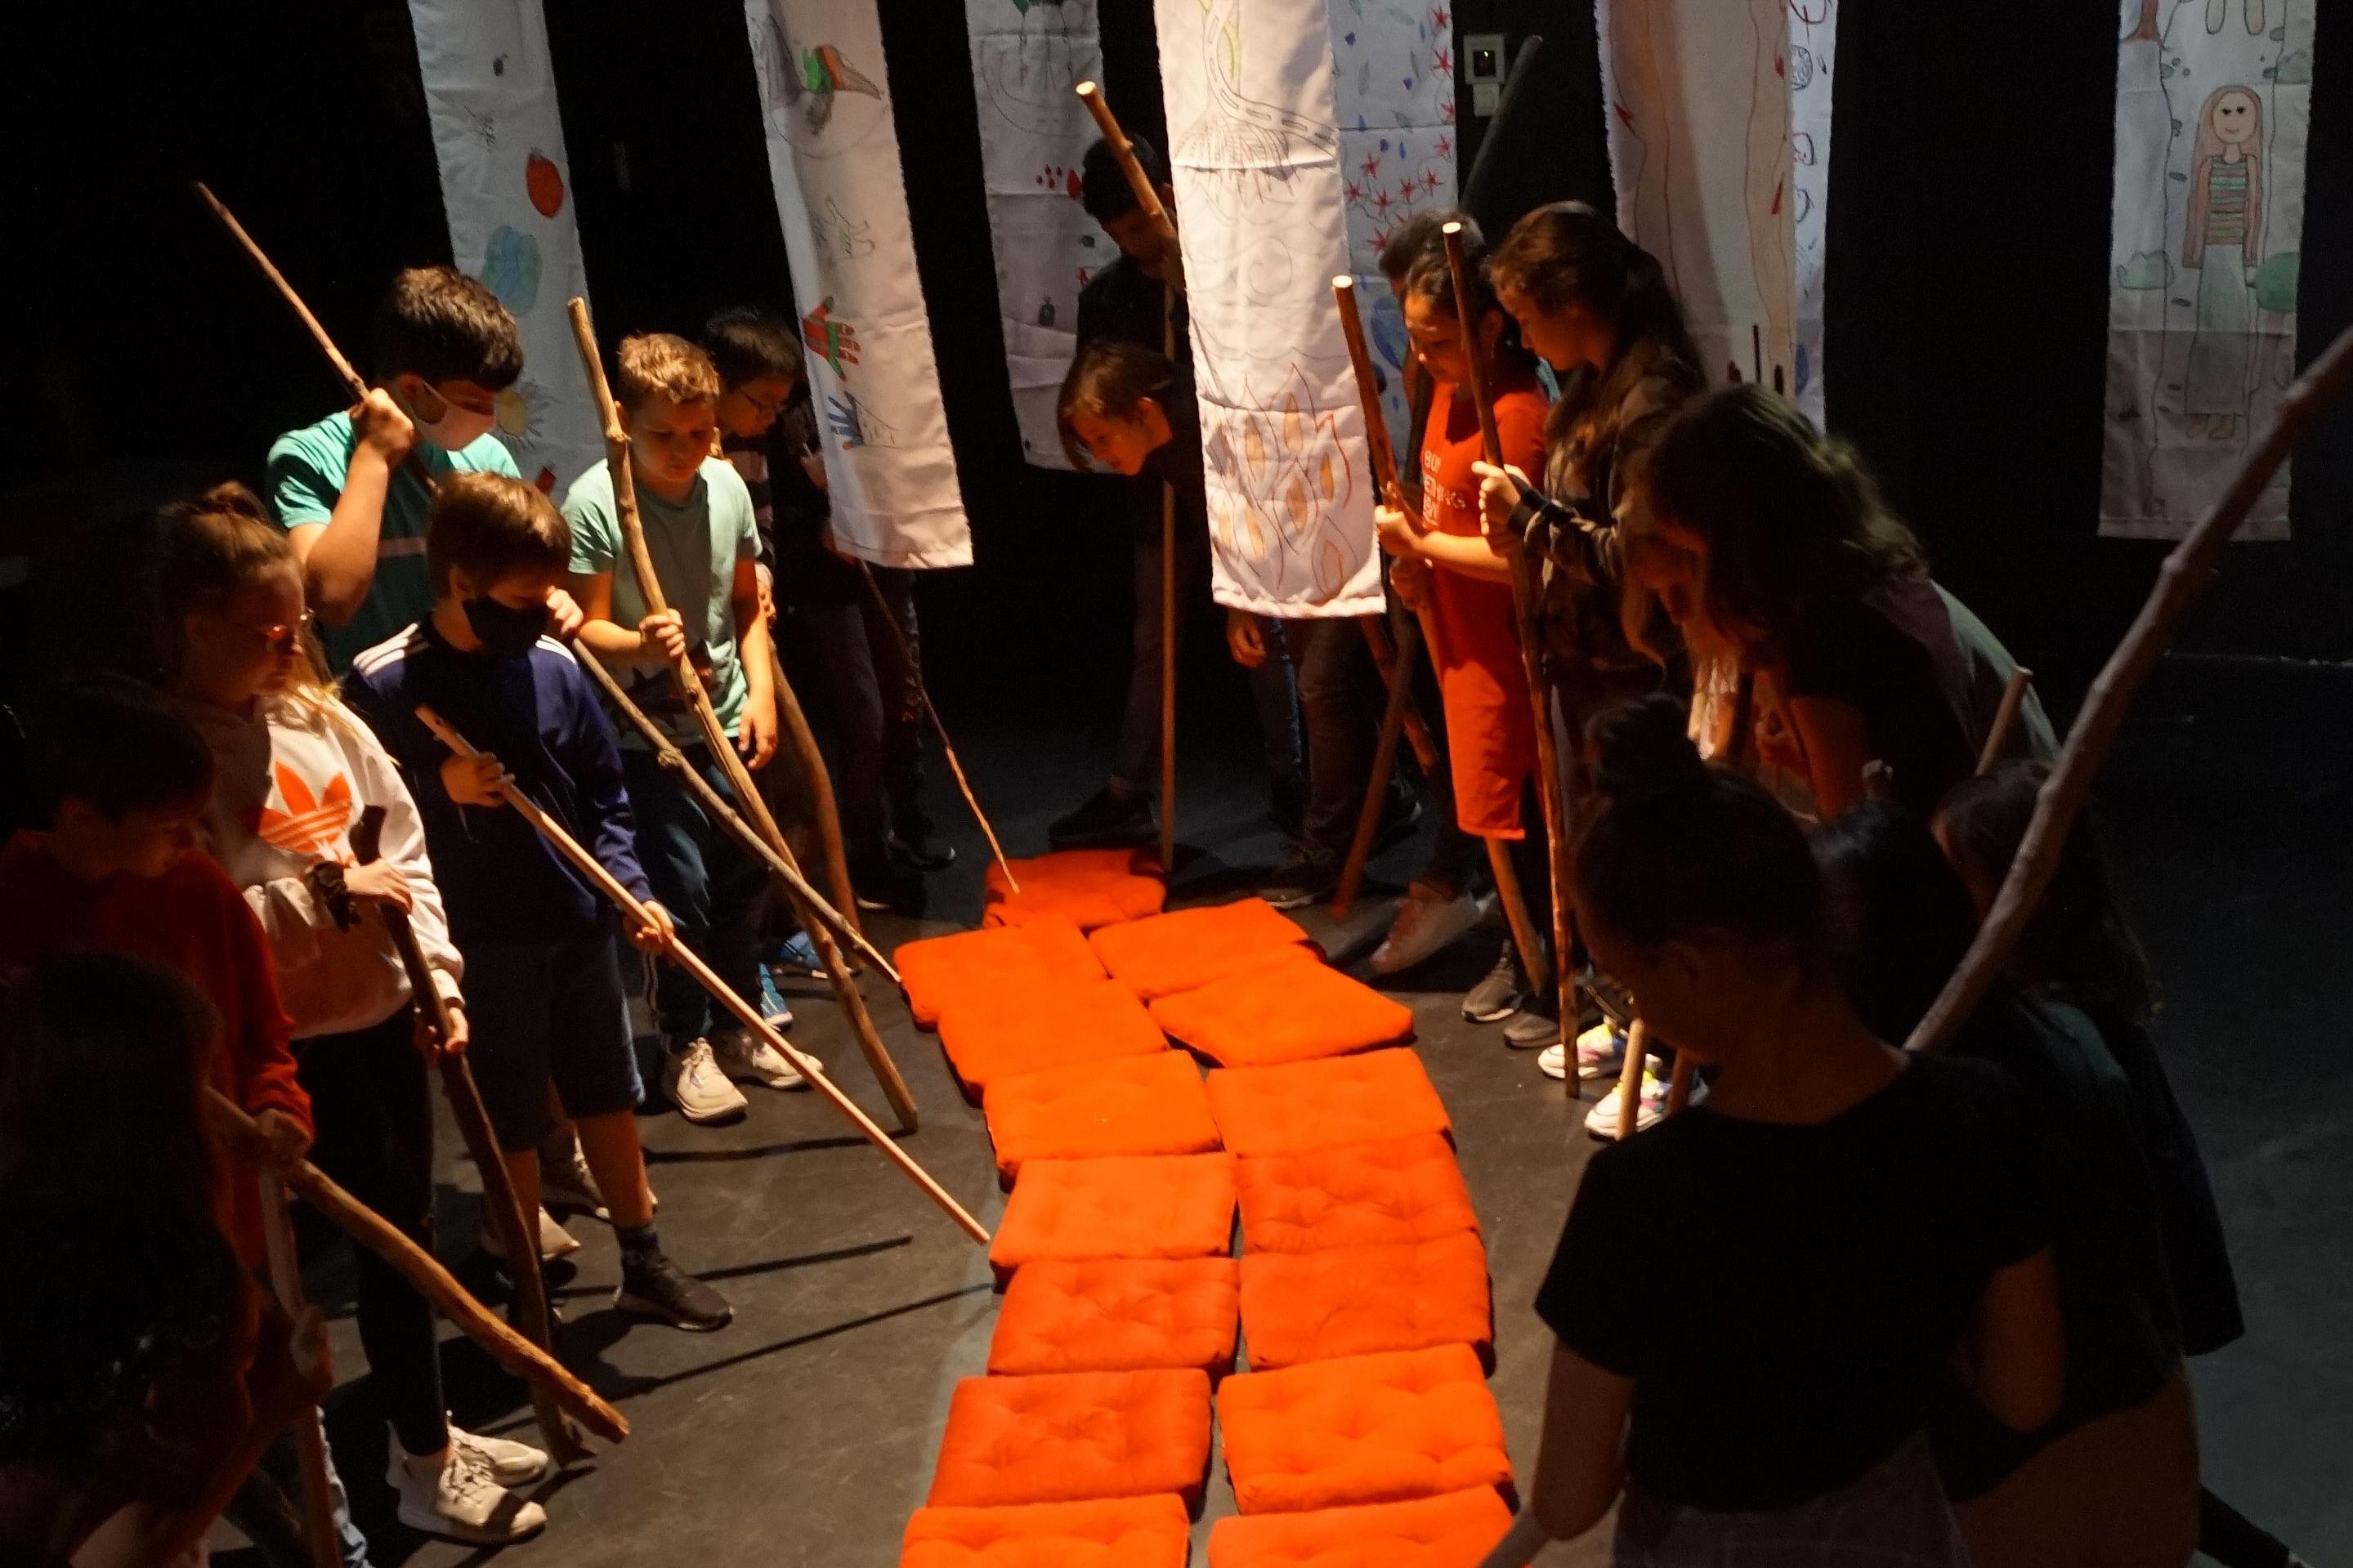 Etwa fünf Kinder stehen sich auf der Bühne gegenüber. Sie richten lange Stöcke auf aneinandergereihte rote Sitzkissen, die wie ein Fluss zwischen ihnen wirken. Im Hintergrund hängen mit Kinderzeichnungen bemalte Stoffbahnen von der Decke herab.